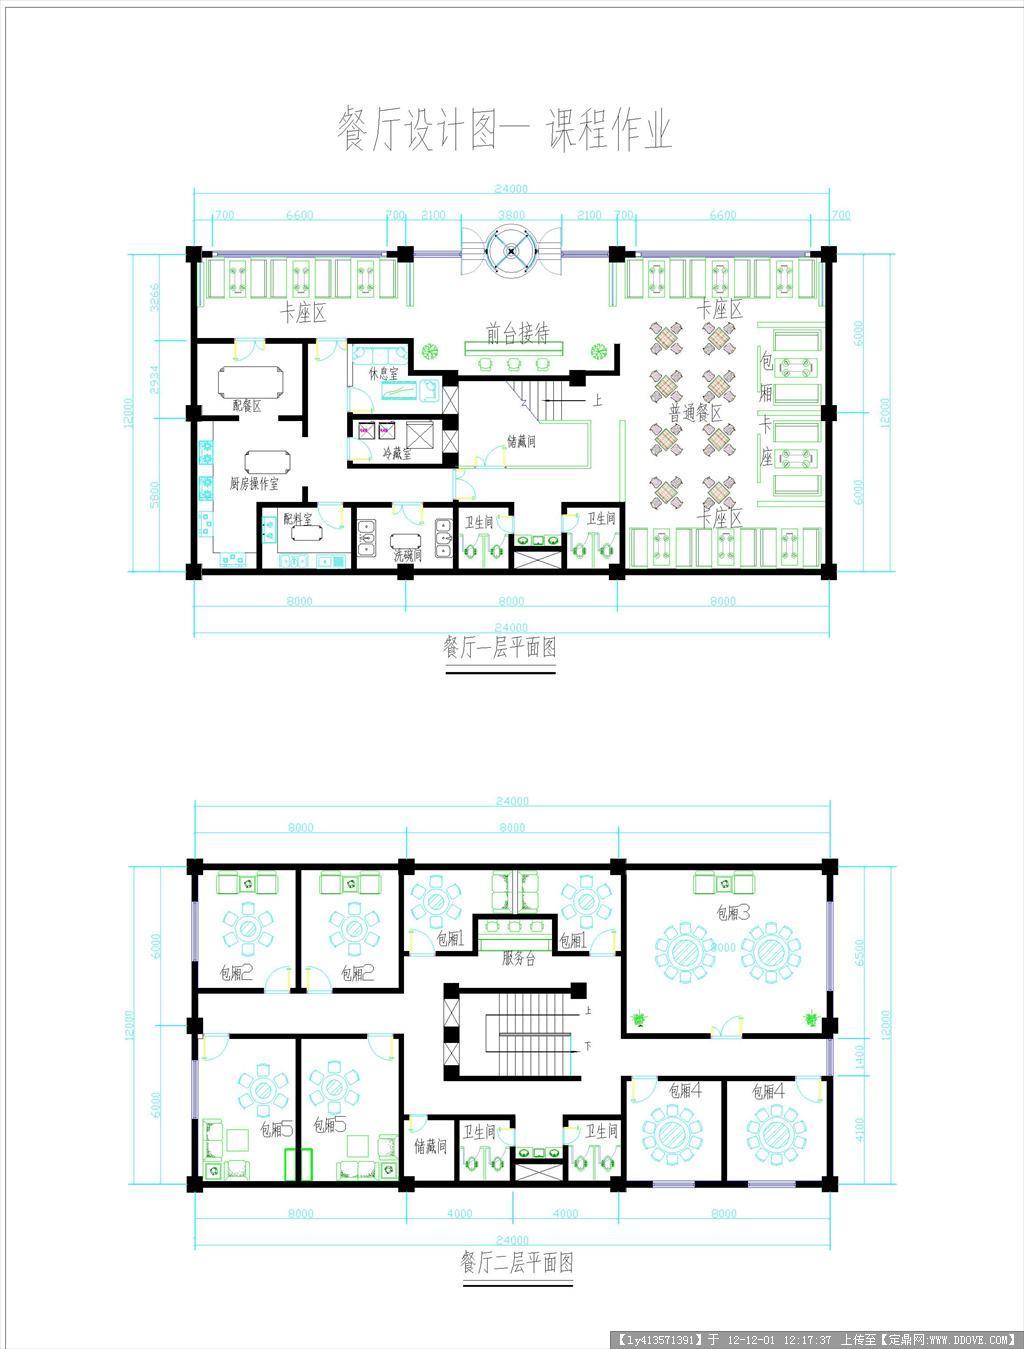 餐厅设计平面图的下载地址,室内方案图纸,酒楼餐厅,_.